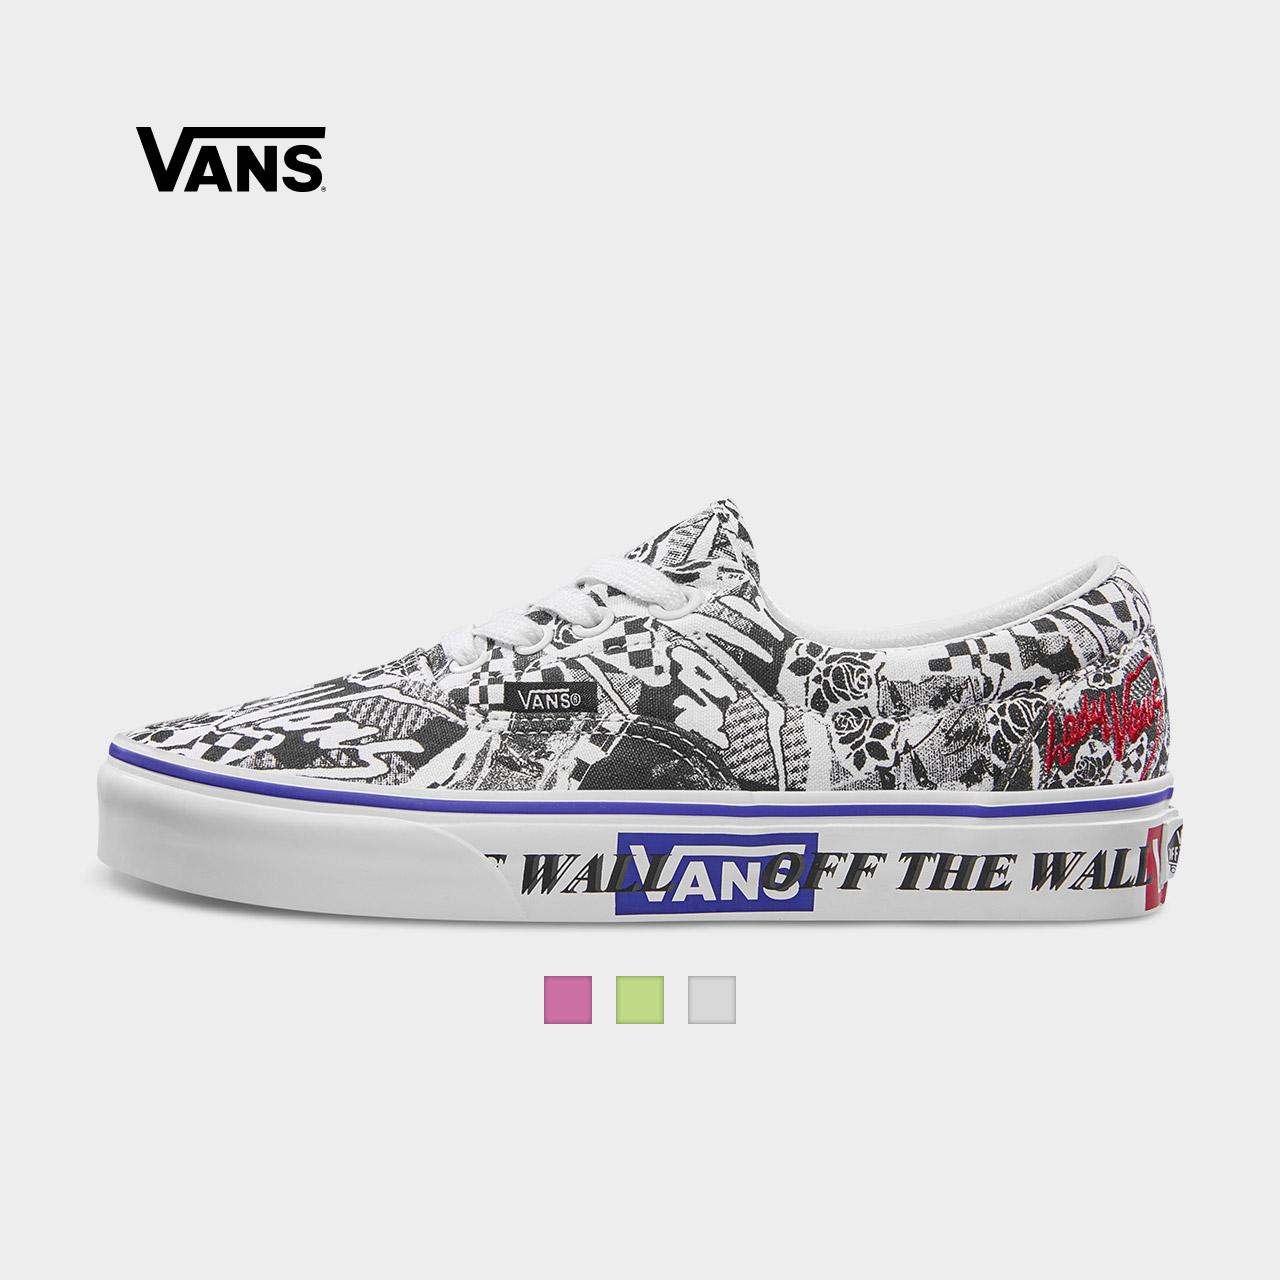 Vans范斯 经典系列 Era帆布鞋 Lady Vans低帮女子新款官方正品